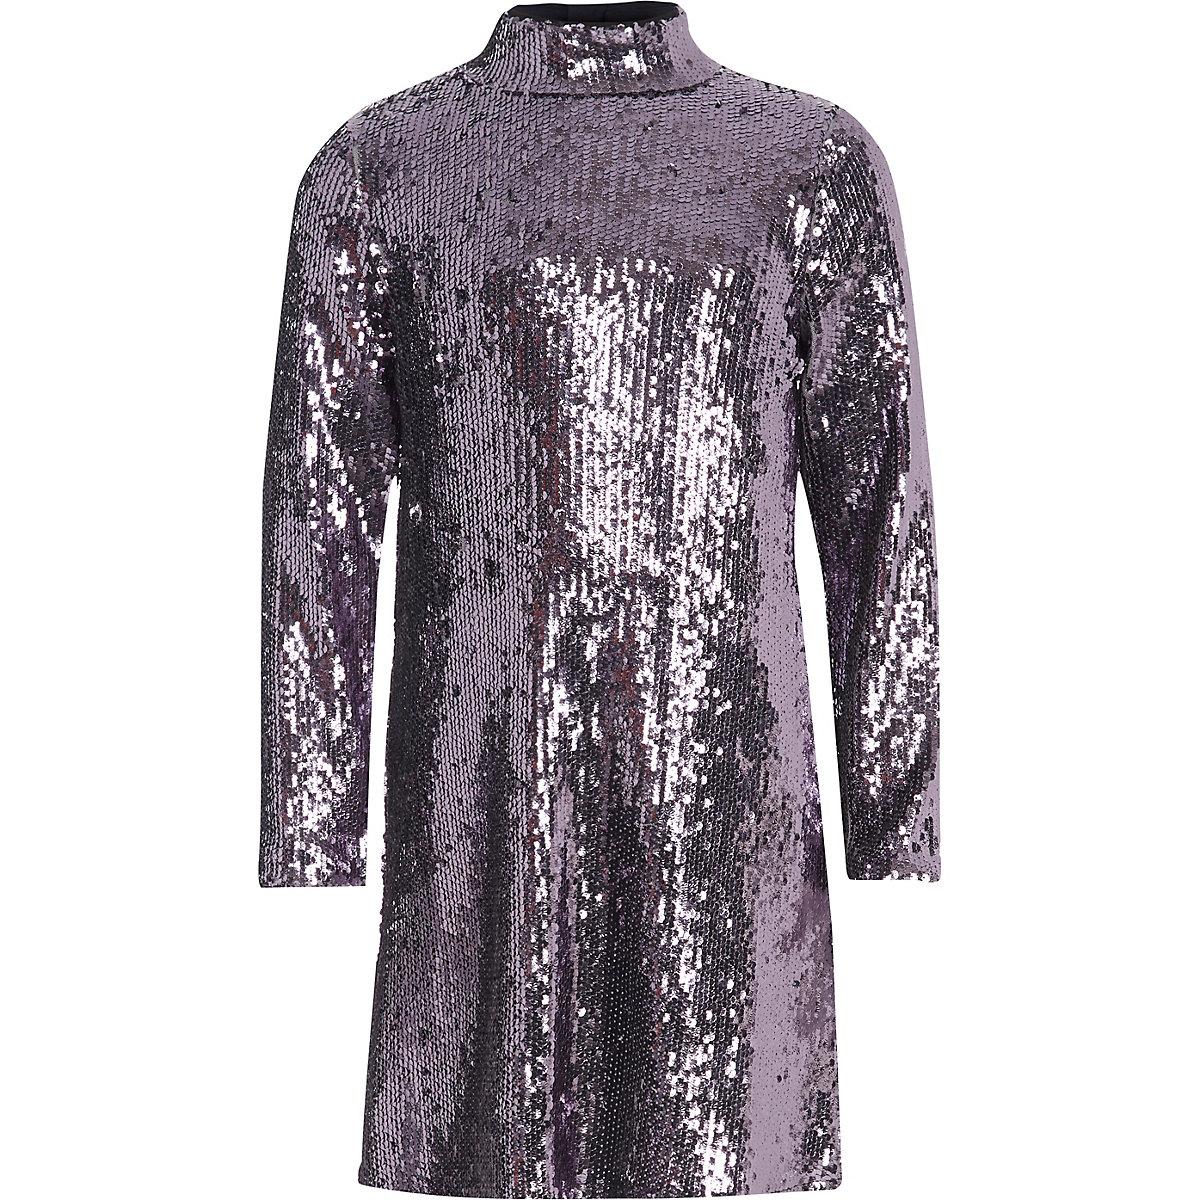 Girls purple sequin high neck dress